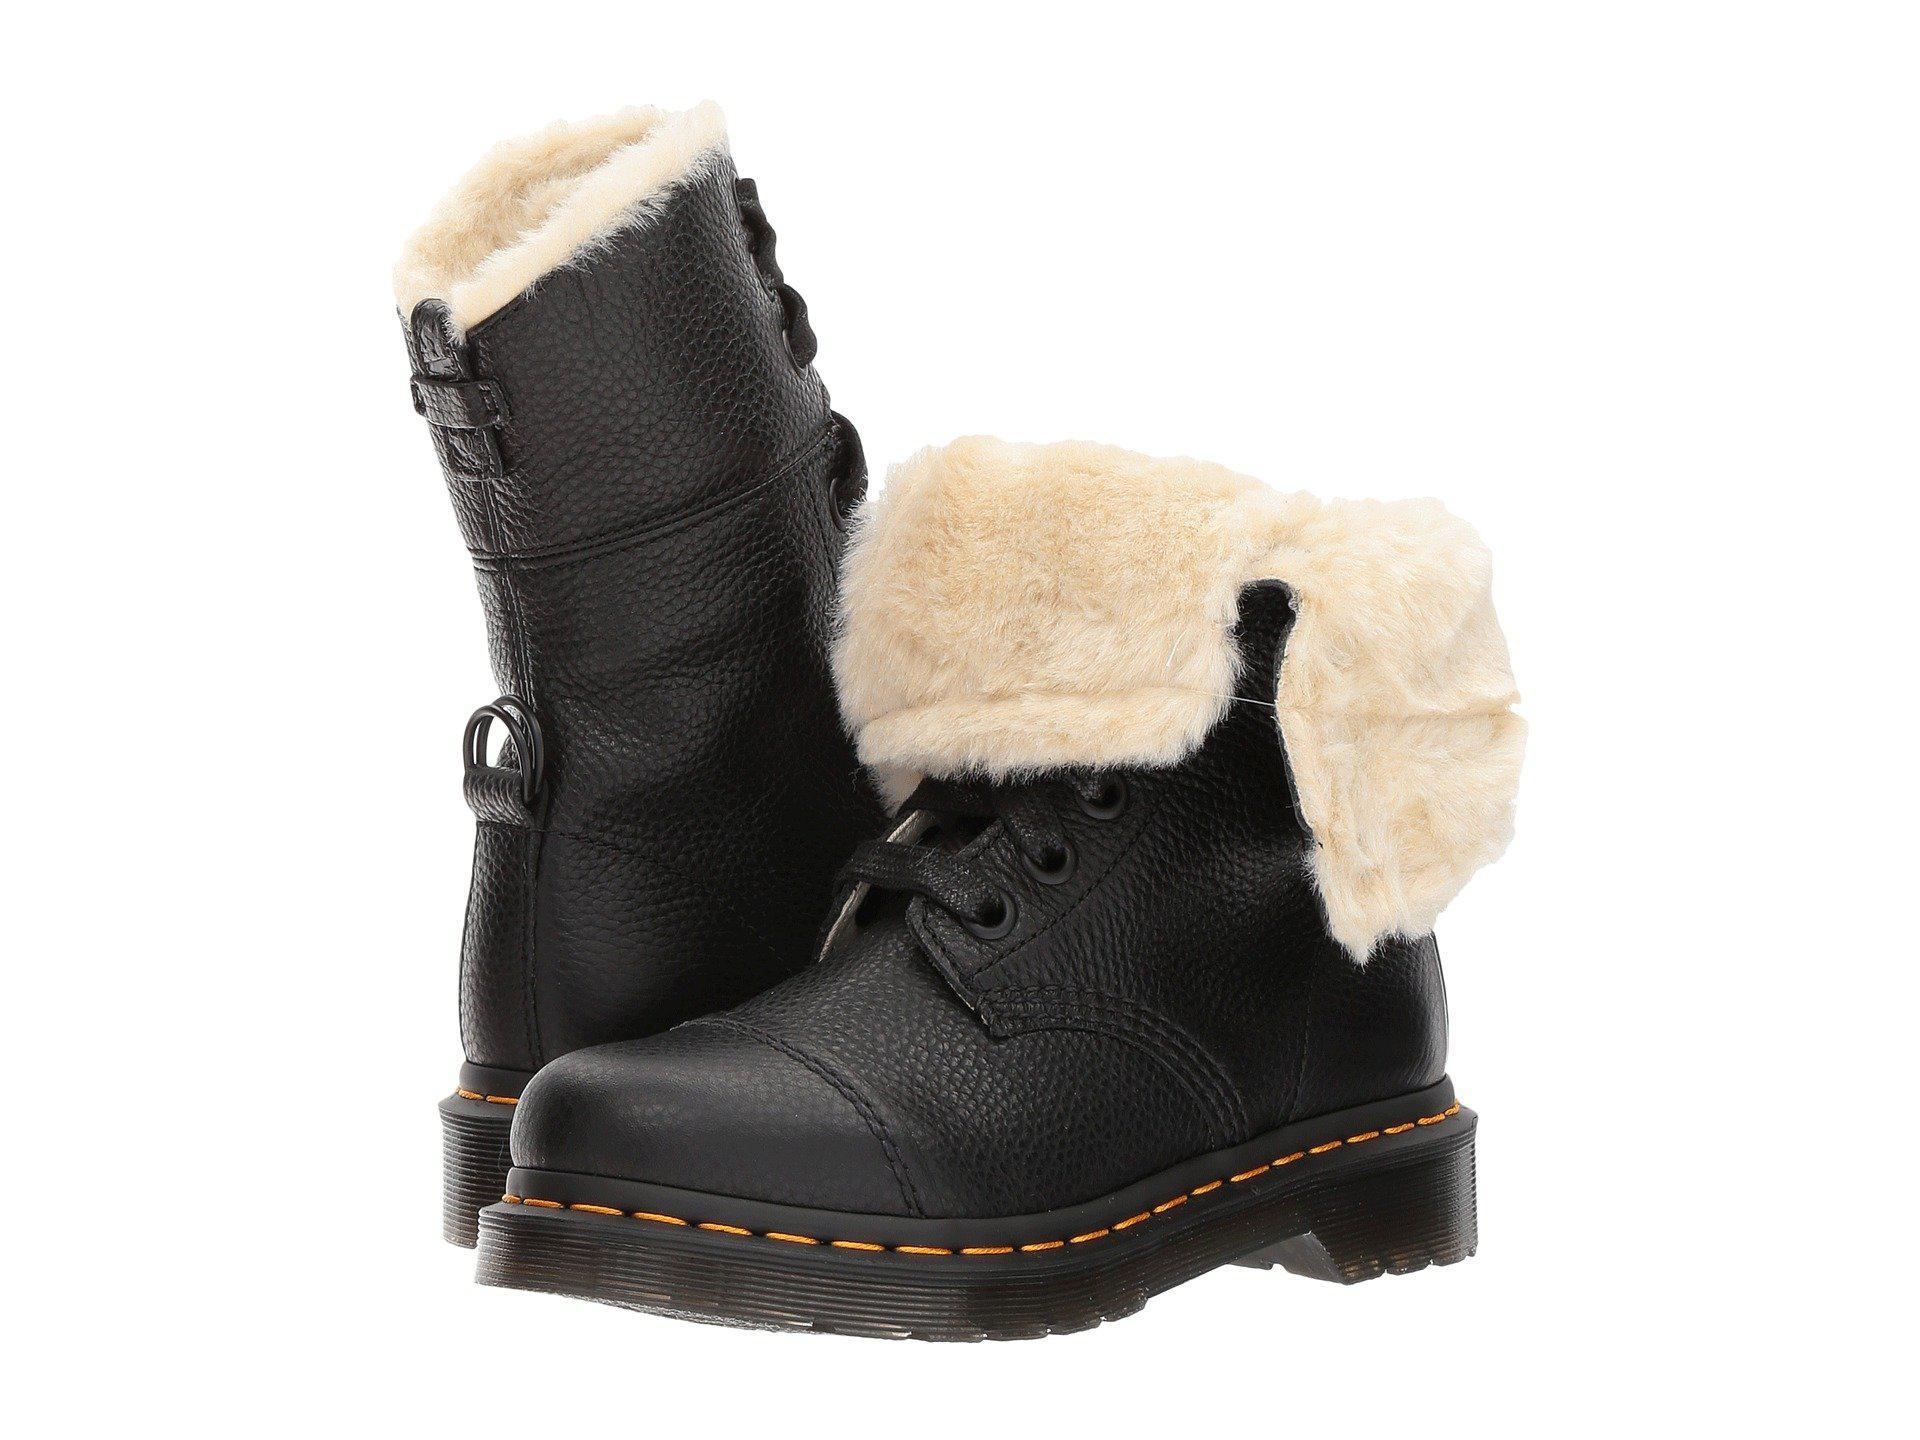 Aimilita FL 9-Eye Toe Cap Boot Dr. Martens y1BO9d1